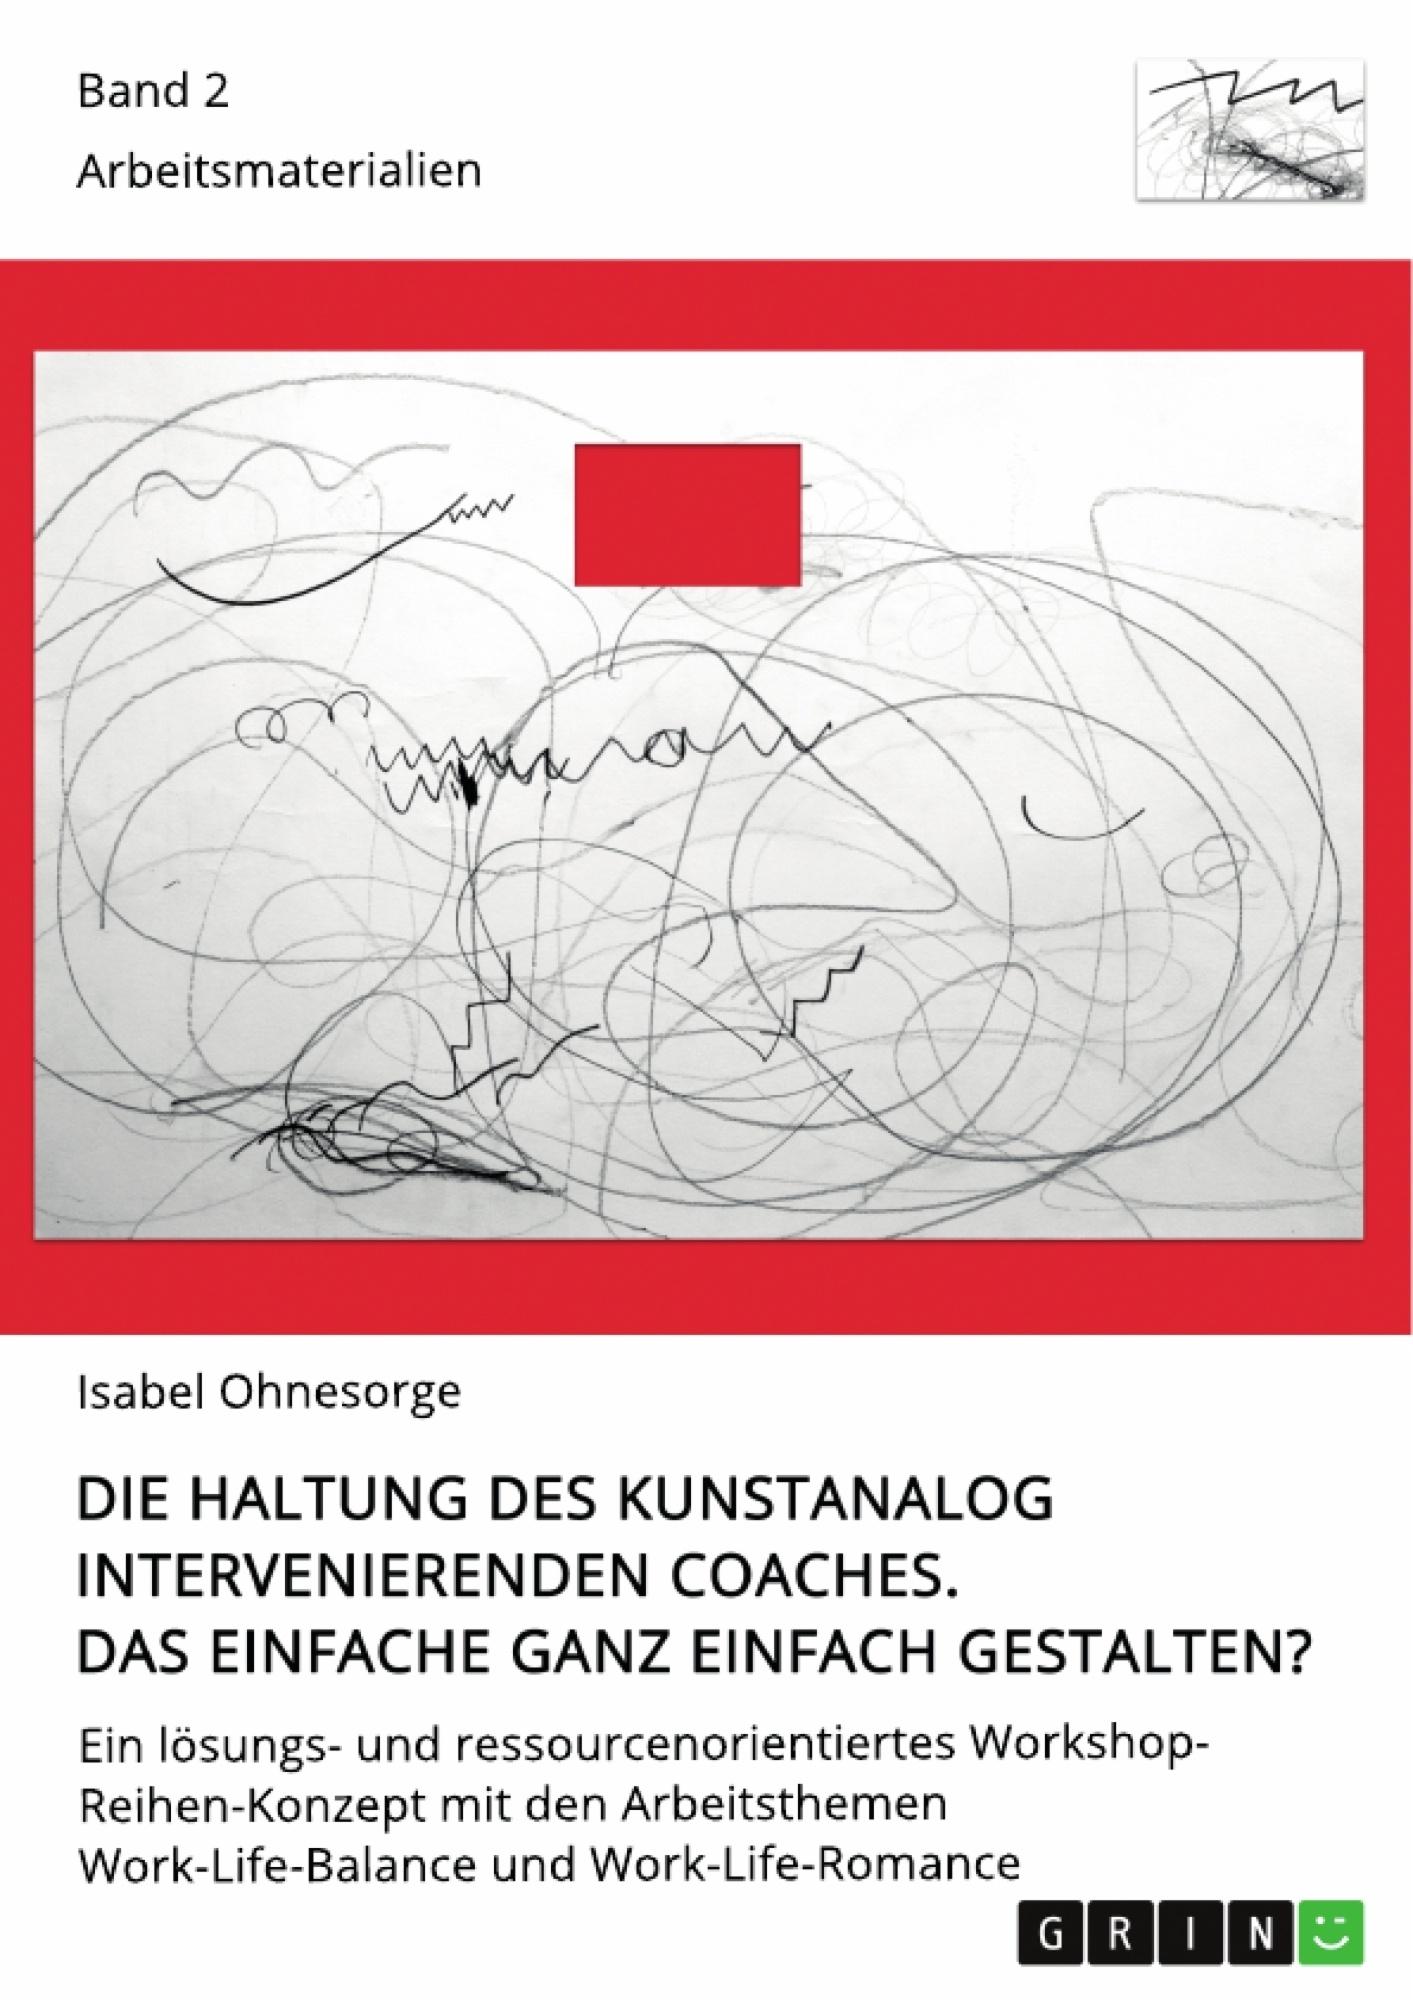 Title: Die Haltung des kunstanalog intervenierenden Coaches. Das Einfache ganz einfach gestalten? Band 2